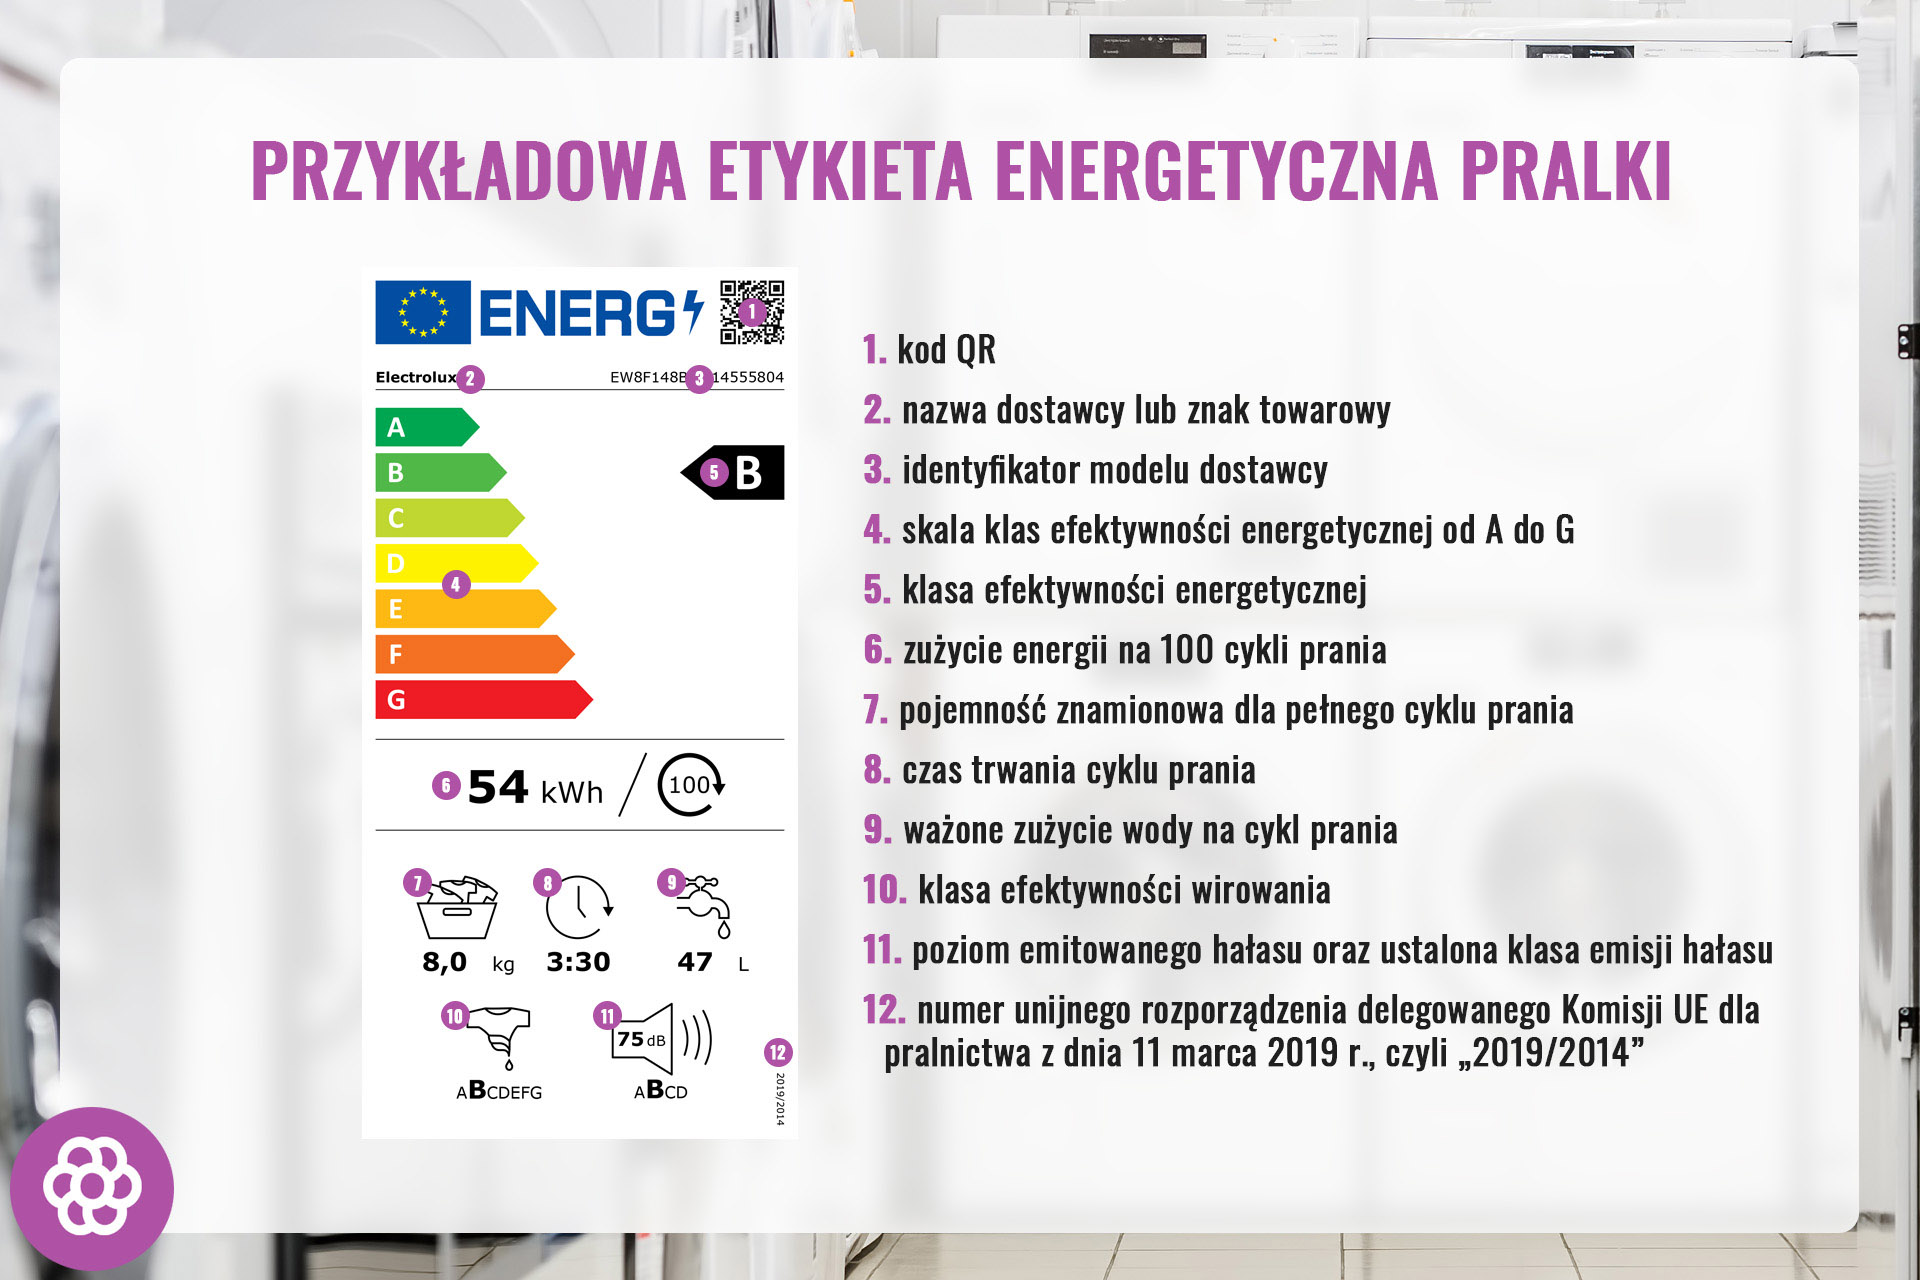 Etykieta energetyczna pralki - wzór